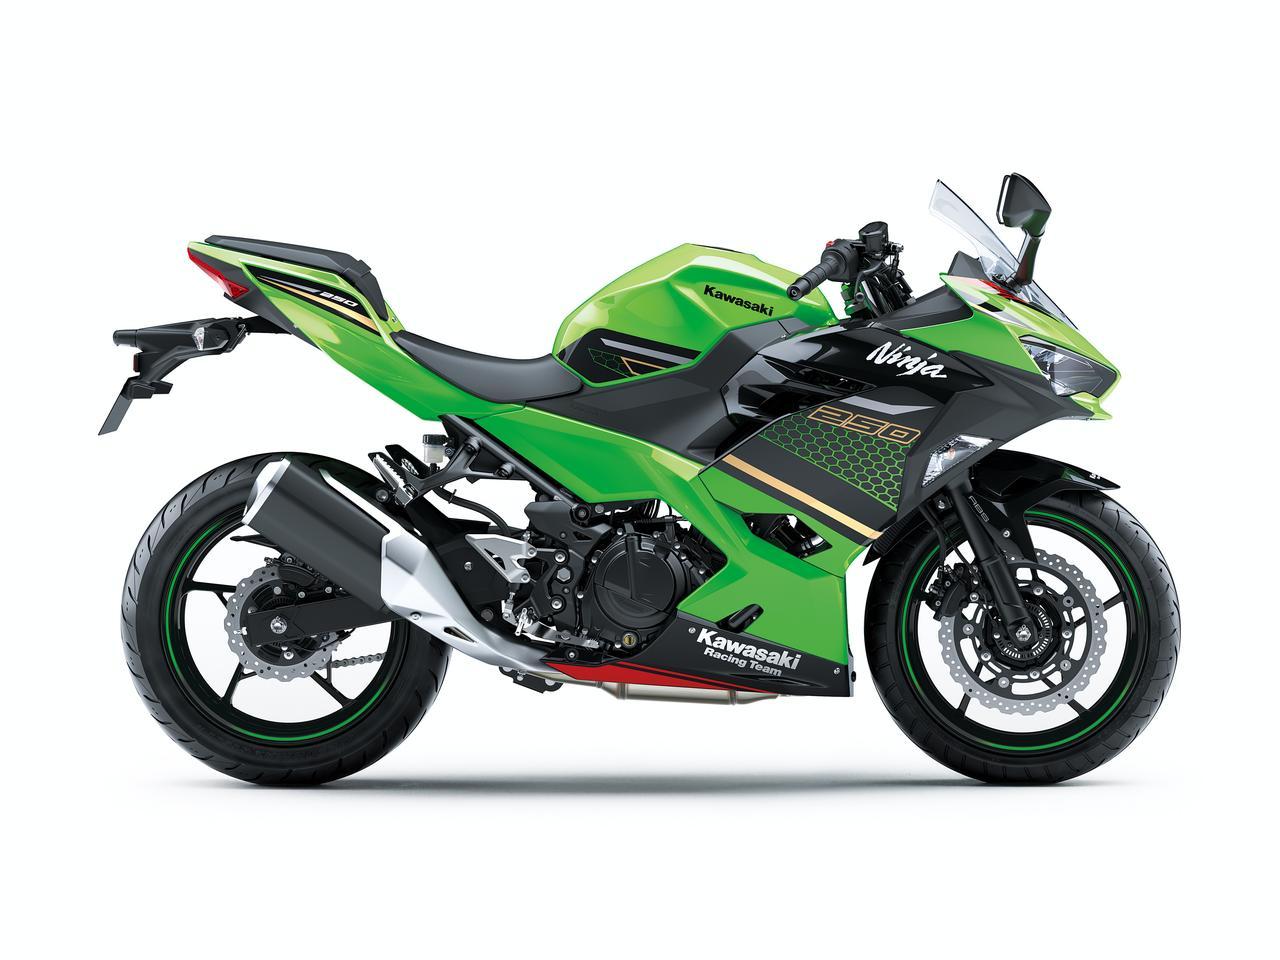 画像9: カワサキ「Ninja250」の2020年モデルは、Ninja400とそっくり!「Ninja 250 KRT EDITION」も合わせて9月1日(日)に発売!